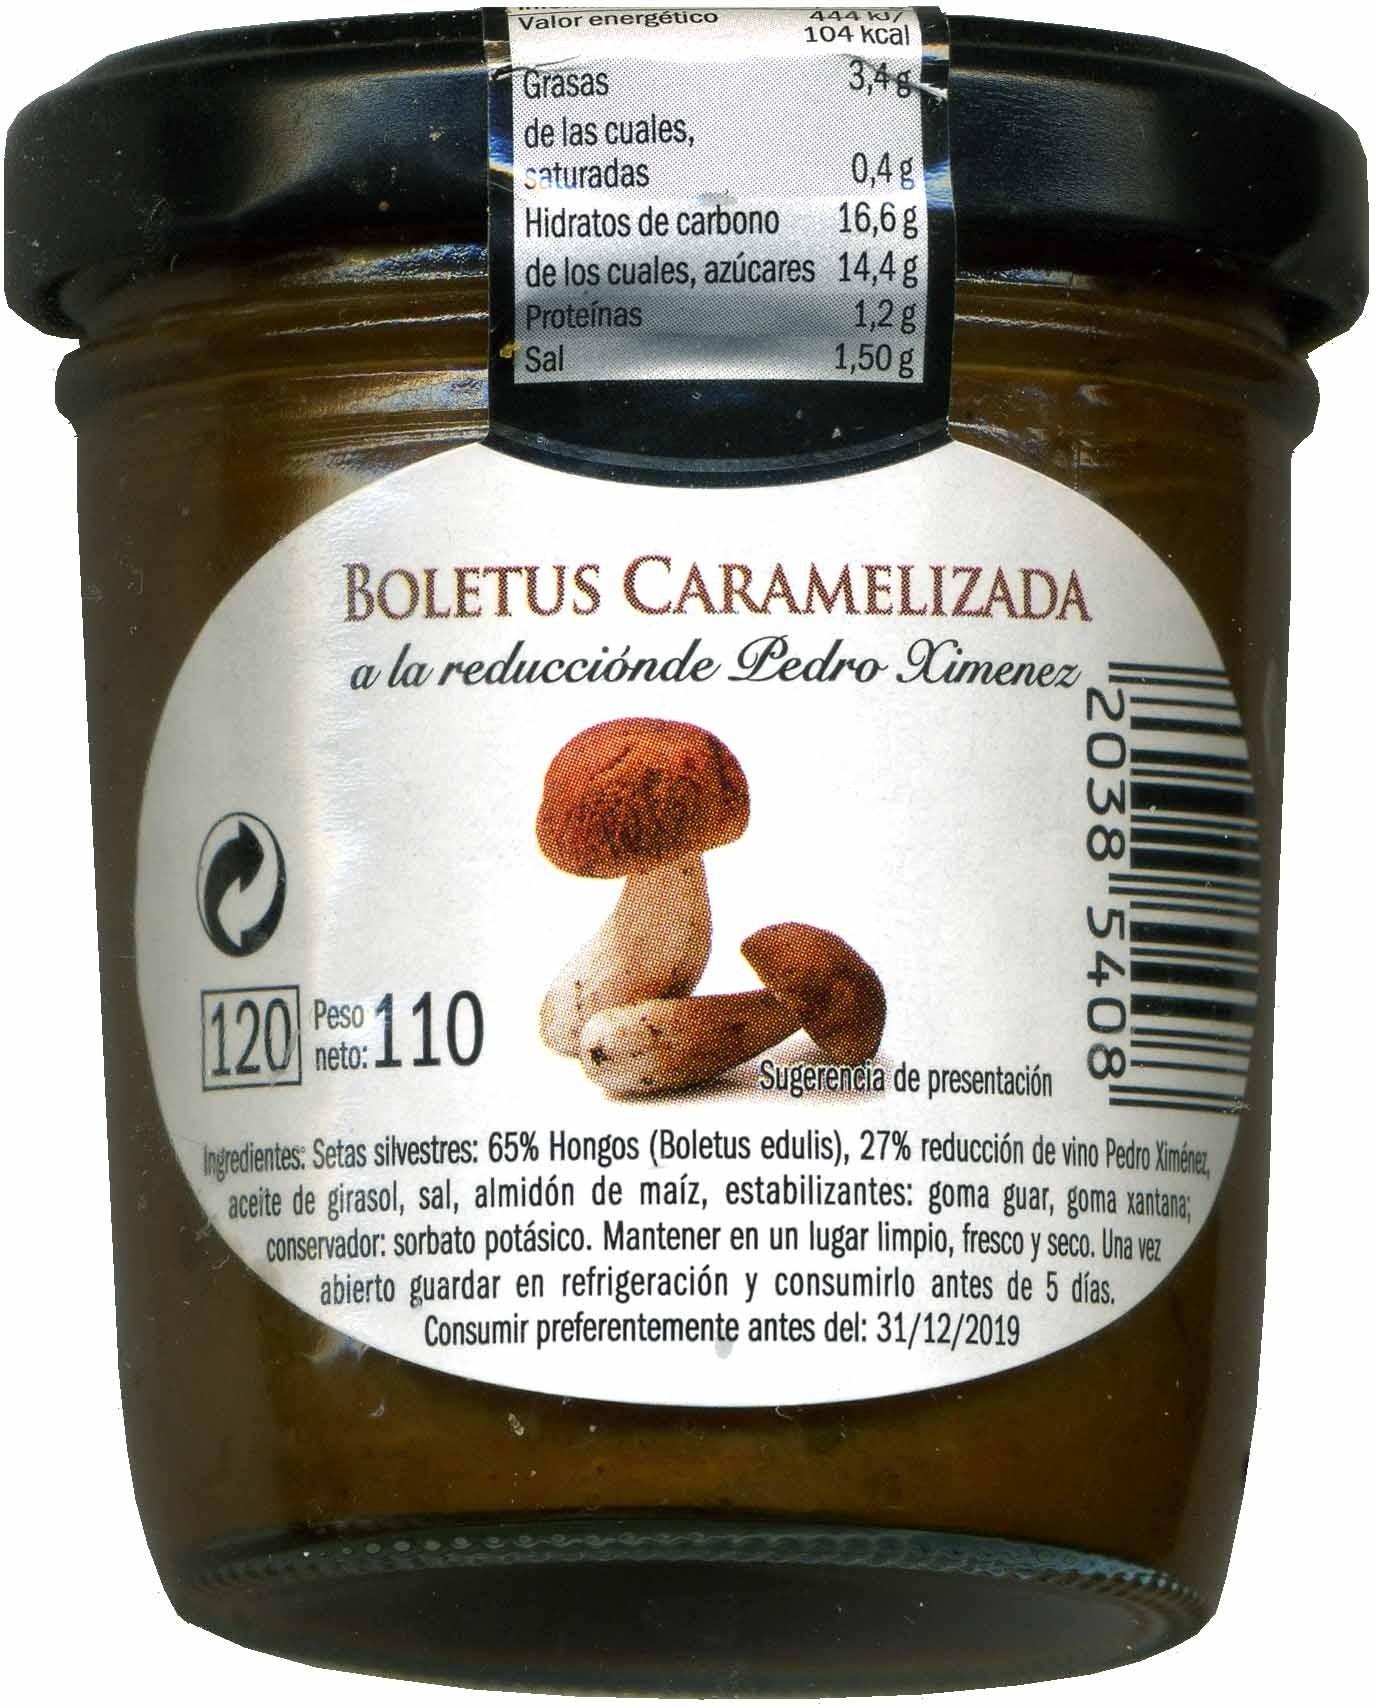 Boletus caramelizado - Producte